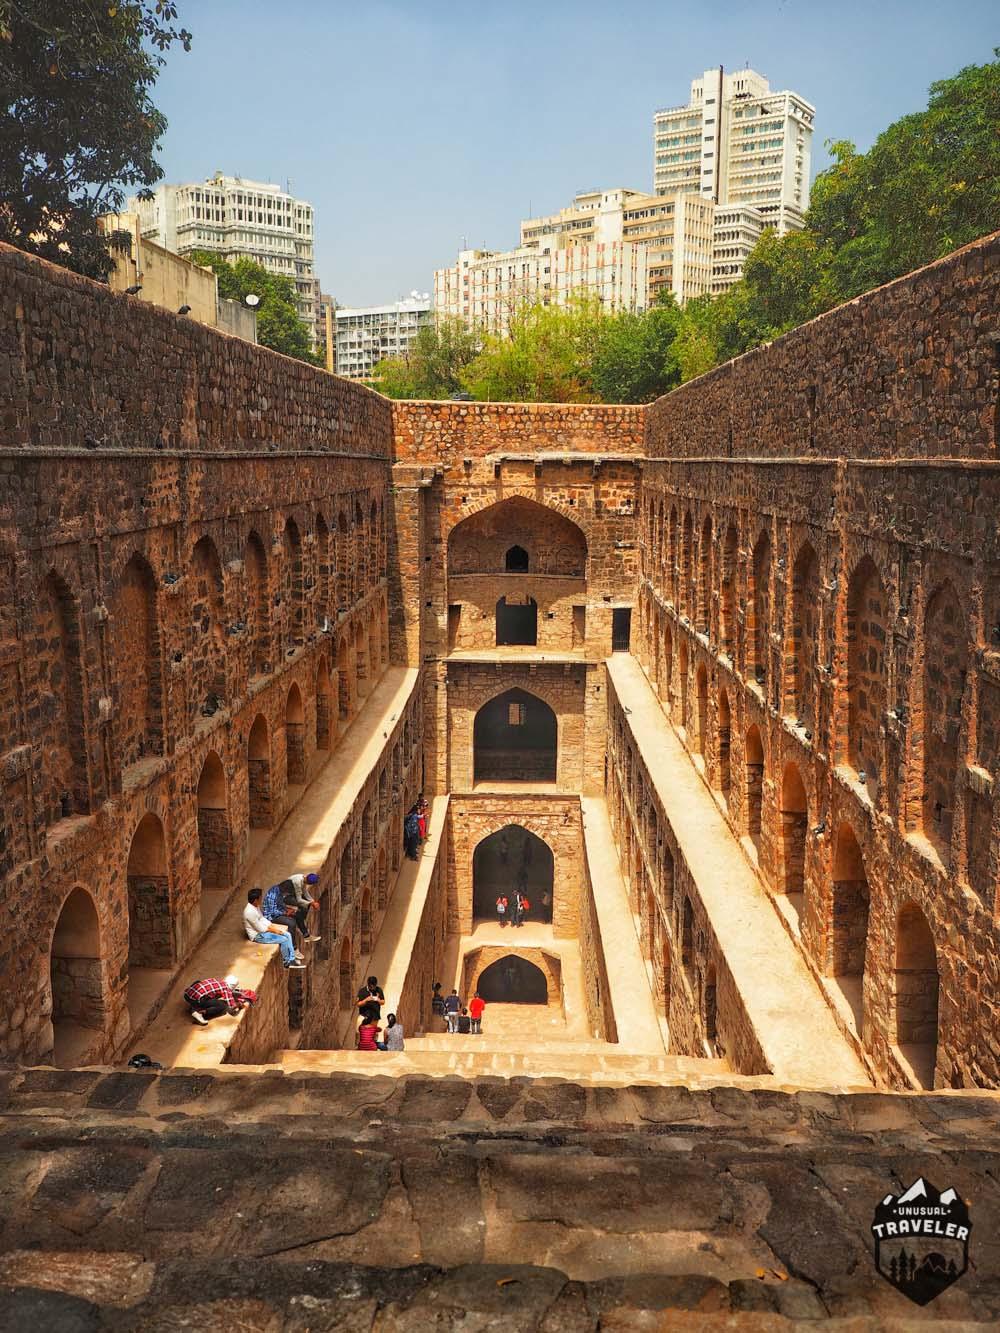 Agrasen ki Baoli new delhi